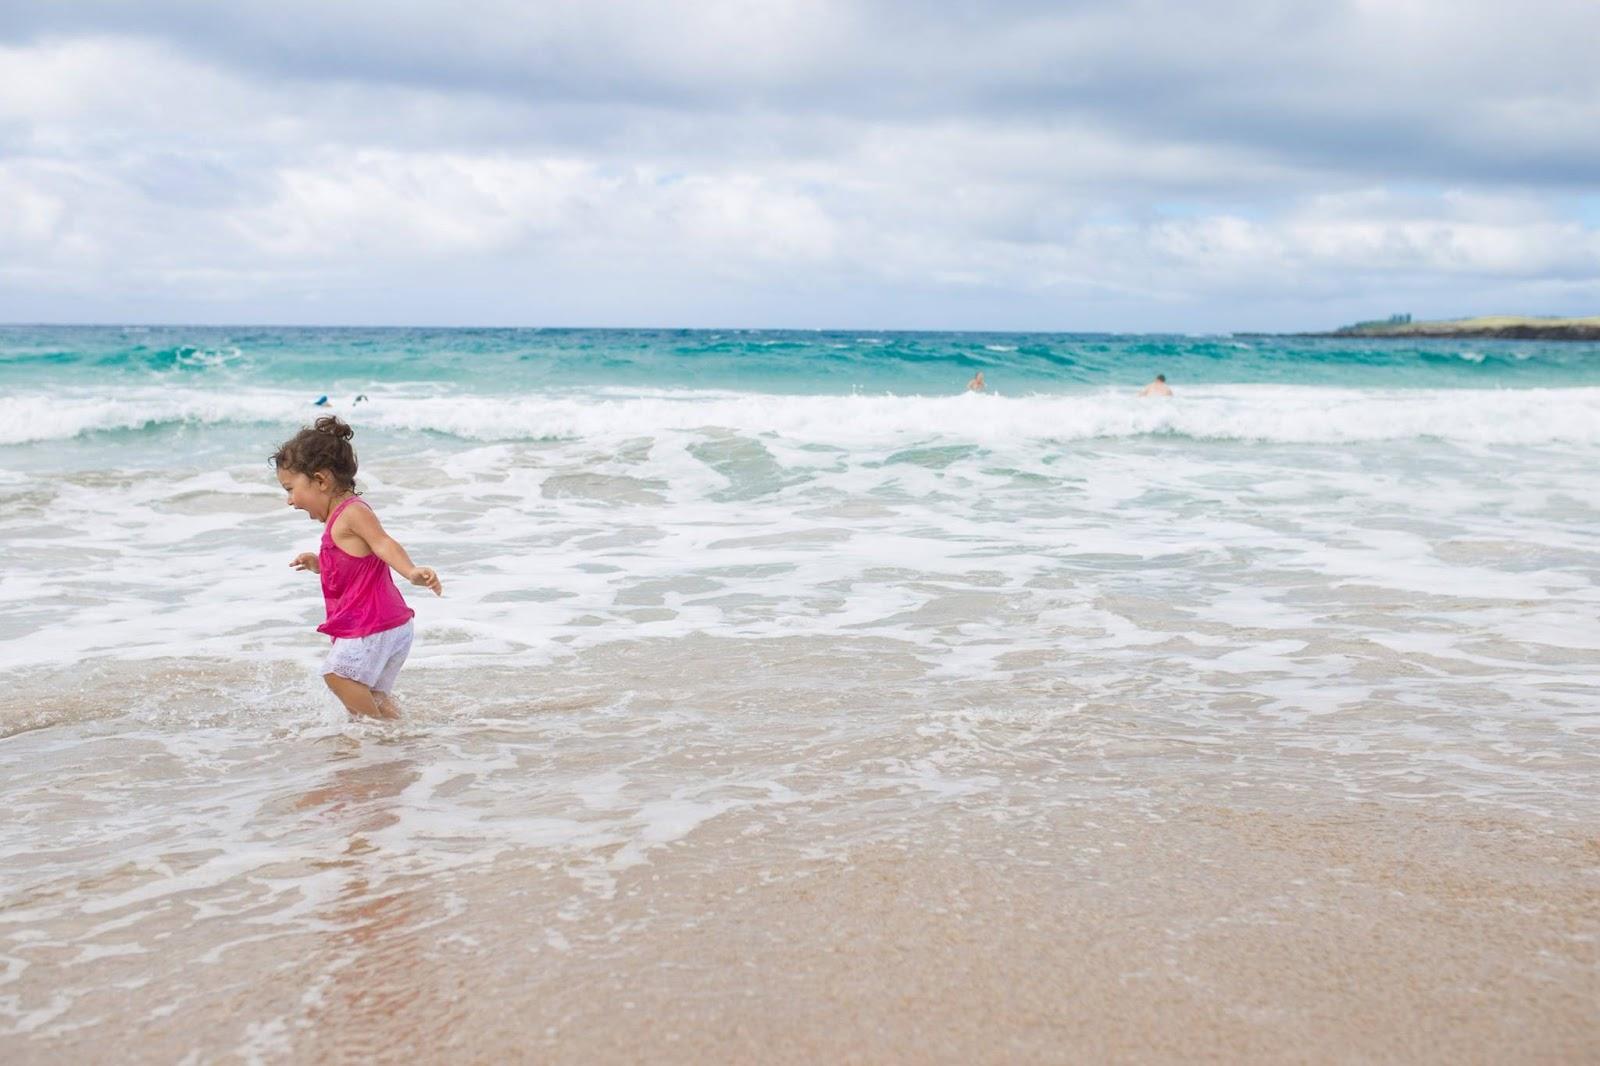 How to Take Beach Photos